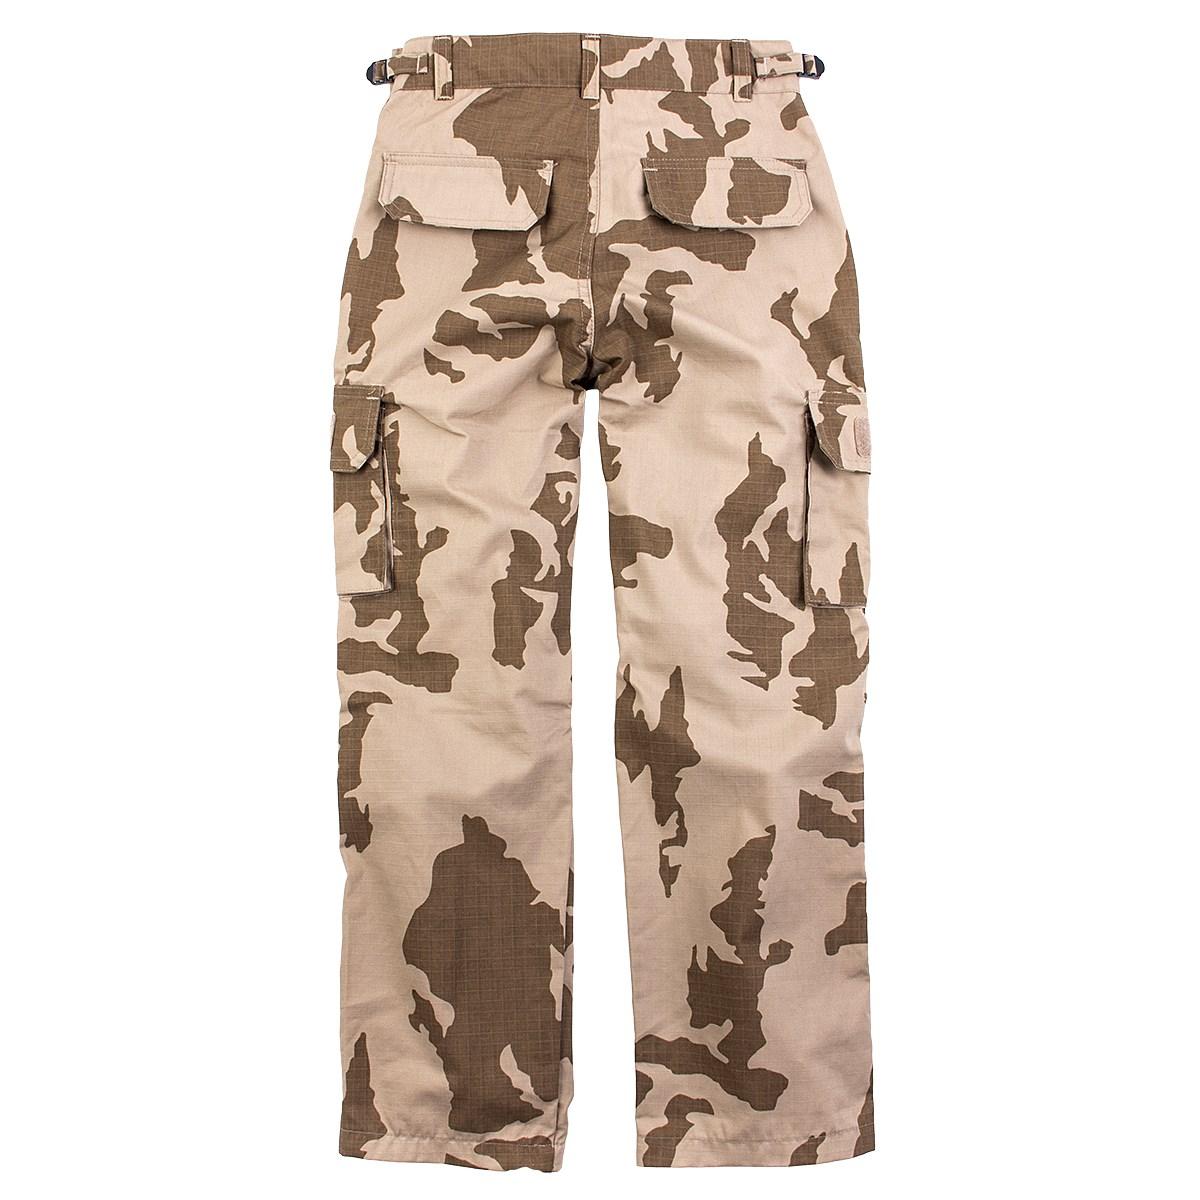 Kalhoty dětské rip-stop vz.95 DESERT MILITARY RANGE 470286D L-11